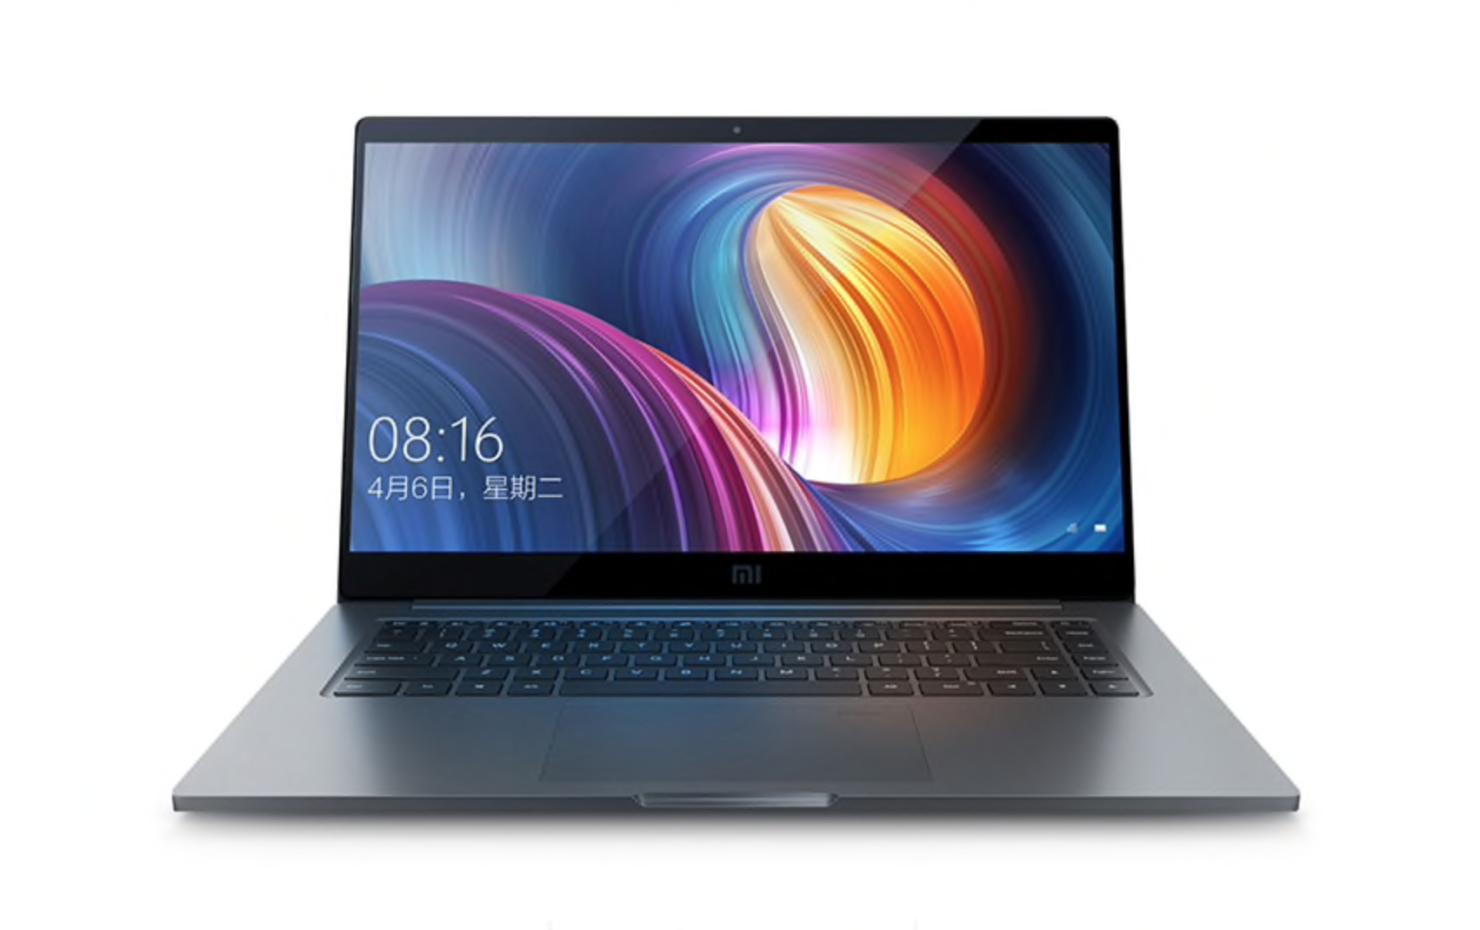 Xiaomi Mi Notebook Pro 2019 cuenta con procesador Core-i5, 8 GB de RAM, 256 GB de SSD, más: obténgalo aquí con descuento 1